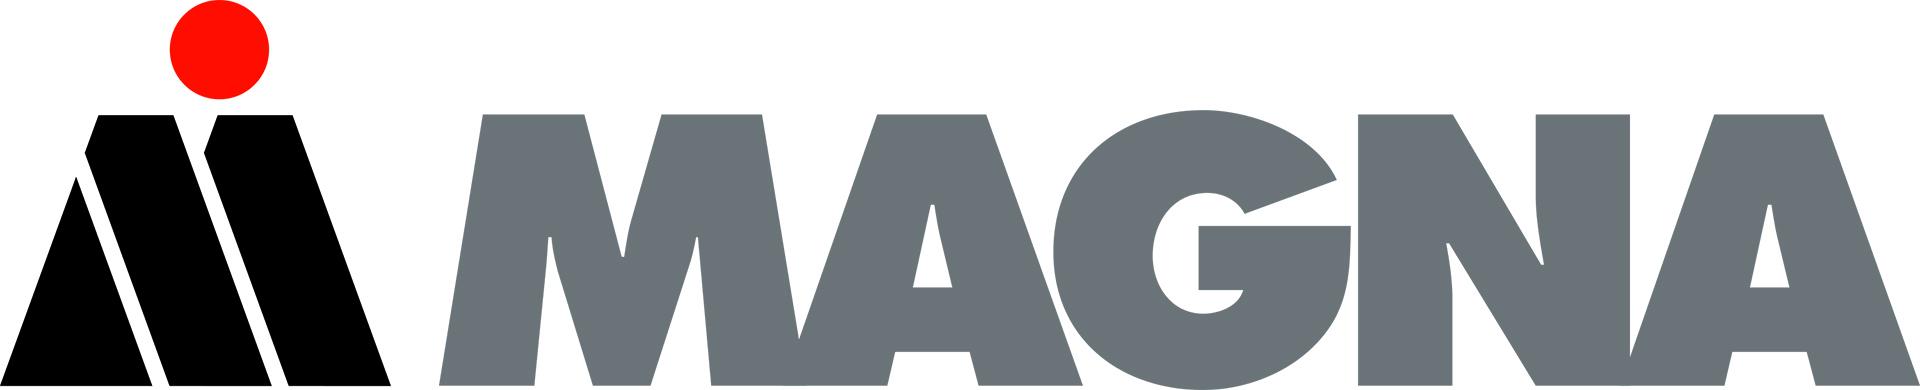 Magna-Logo-1920pixels-V1.0.jpg